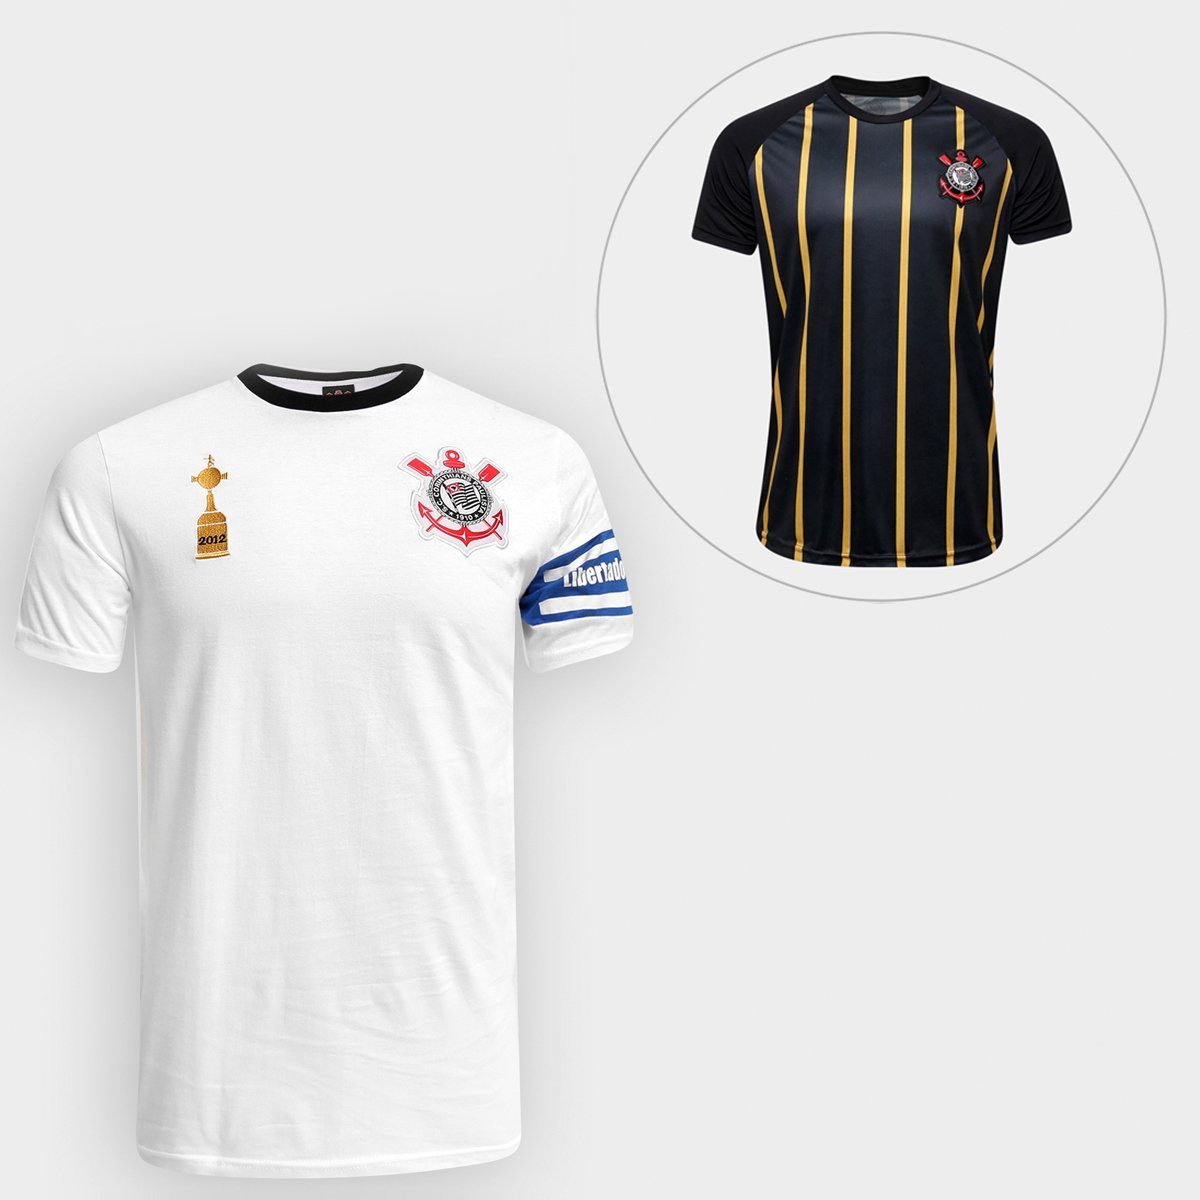 Kit Camiseta Corinthians Capitães Libertadores 2012 n° 2 + Camisa  Corinthians Gold Edição Limitada - 3de8ddc09ca0e